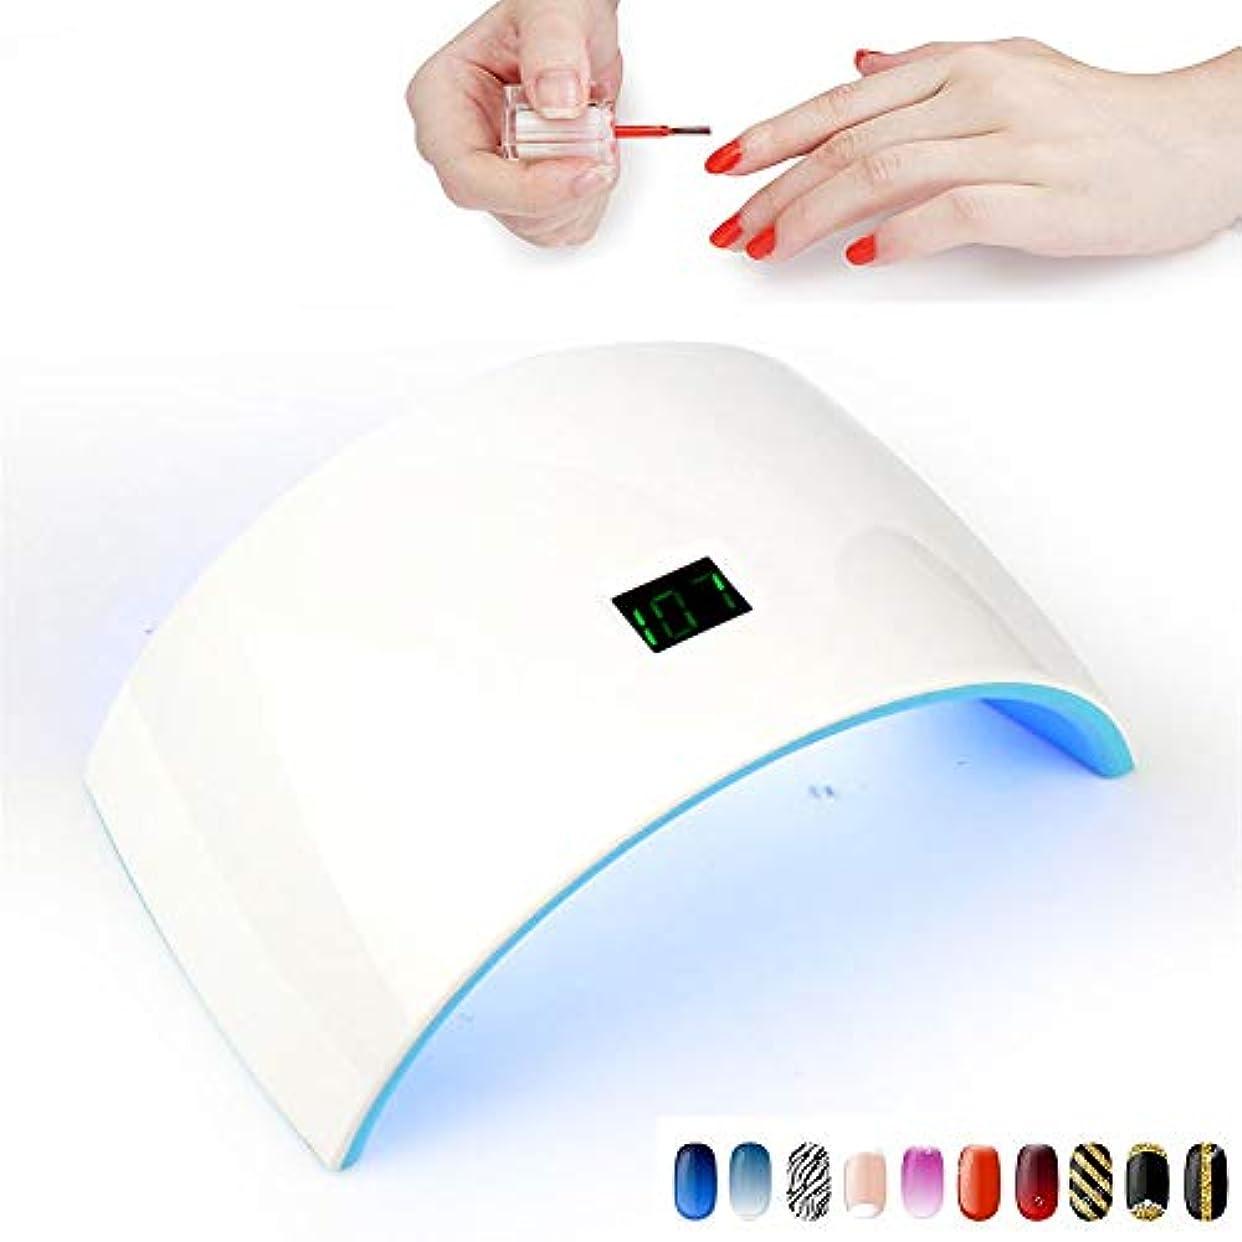 レイプアミューズ支出ネイル用ランプおよびジェルポリッシュランプ24Wドライヤー光線療法機液晶ディスプレイ付き高速硬化ジェルワニス,Charging